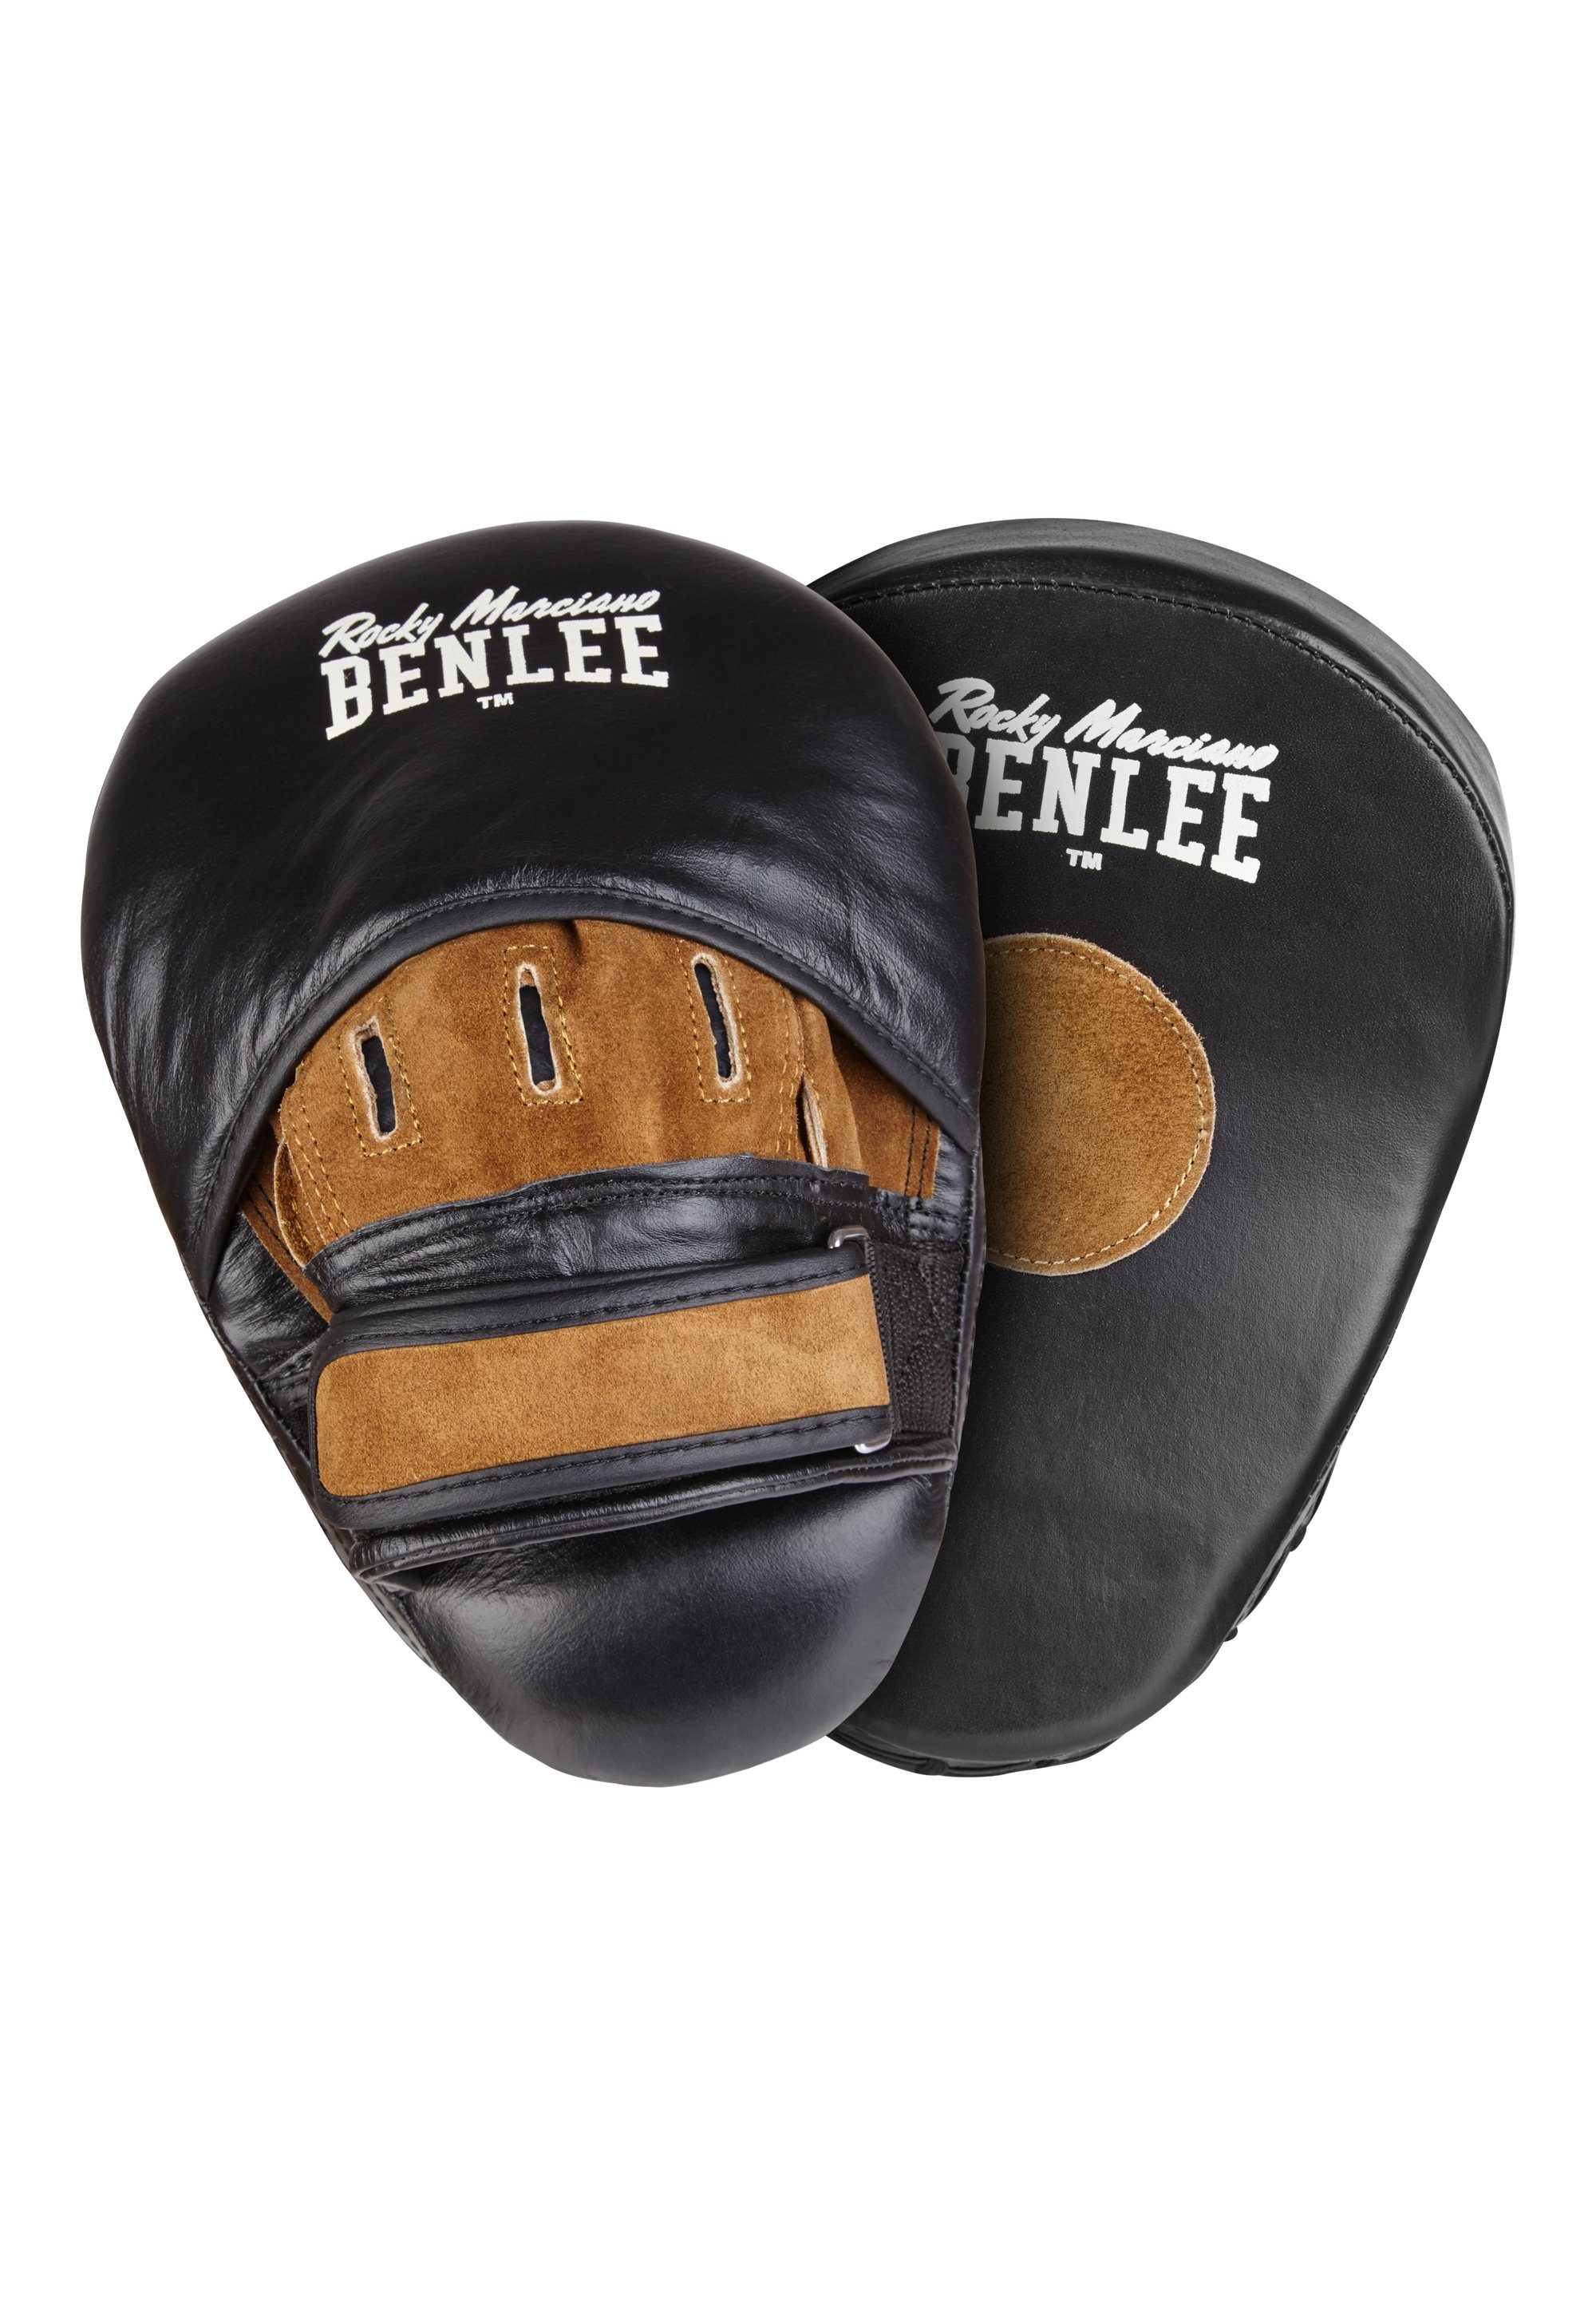 Benlee Rocky Marciano Hook & Jap Pads »MOORE«